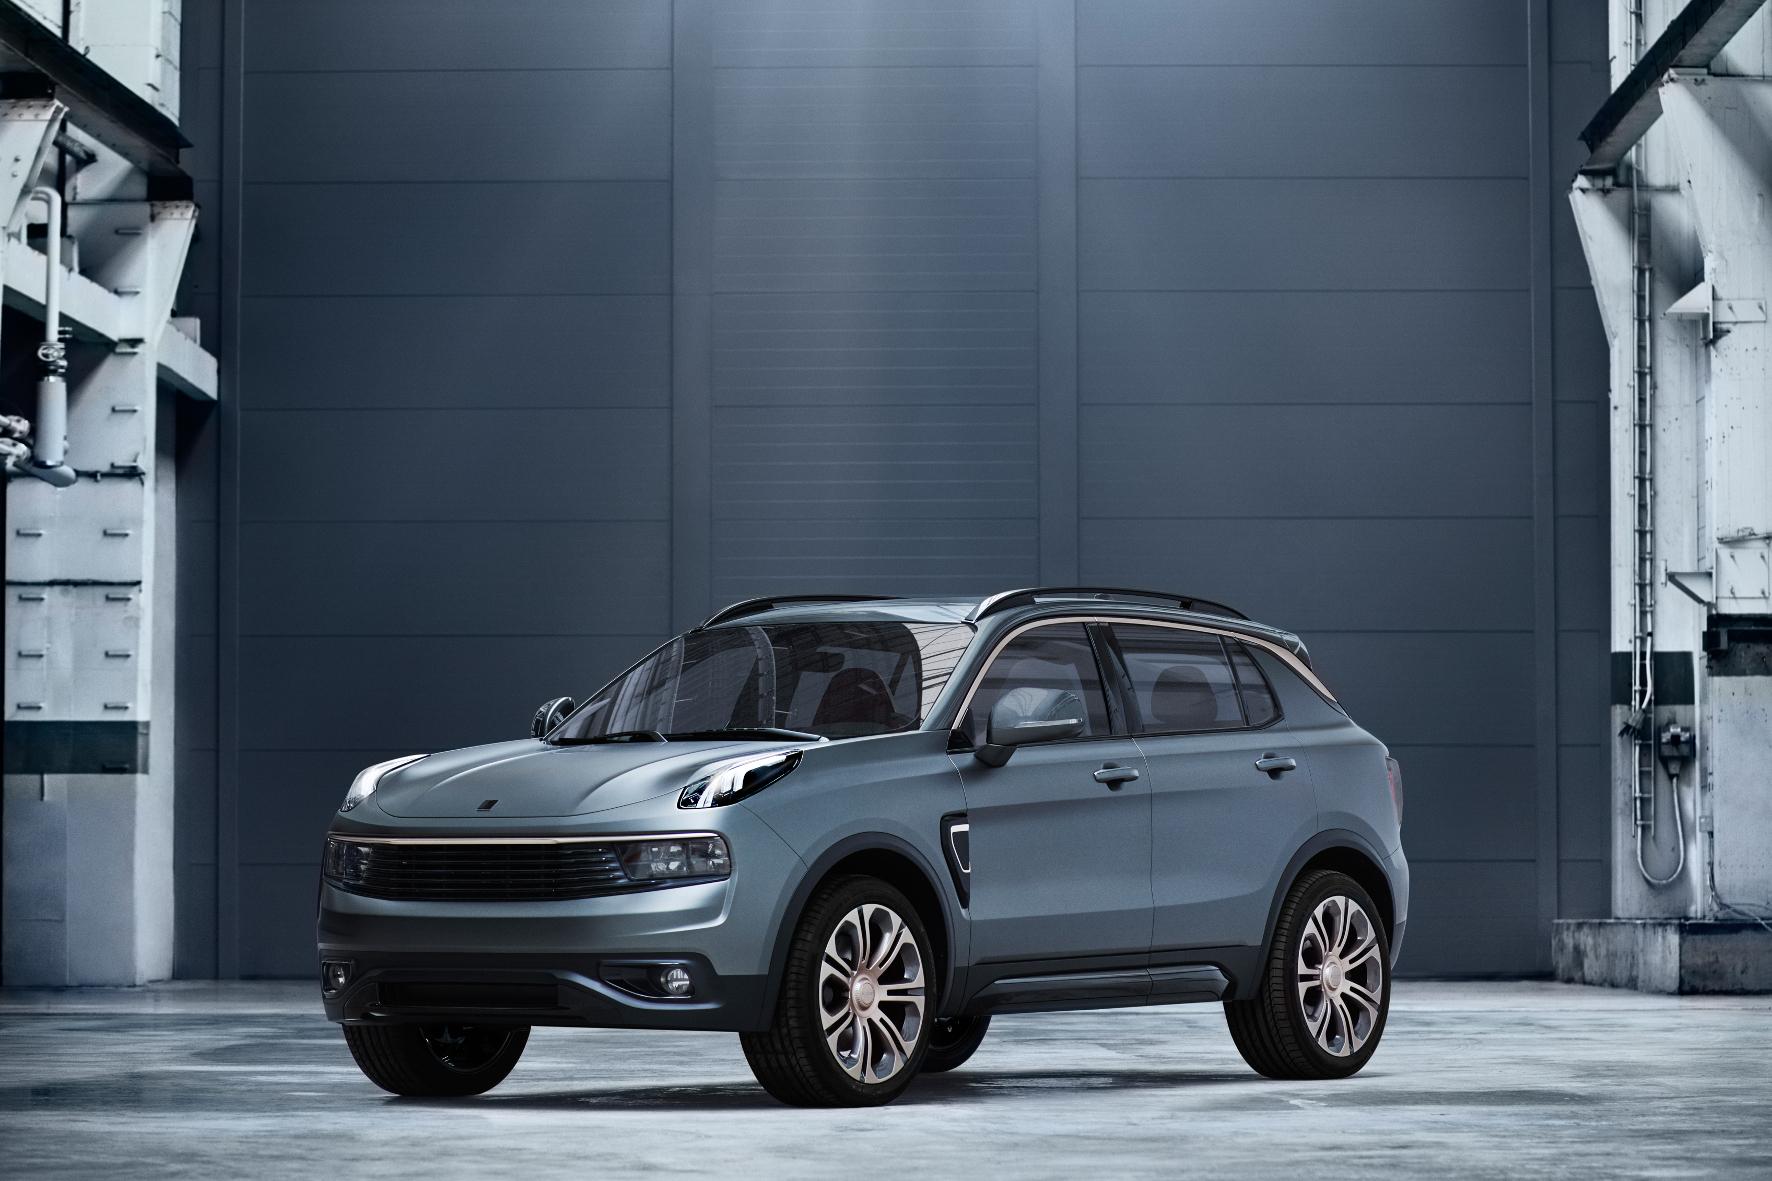 mid Göteborg - Mittel-Format: Das SUV von Lync & Co rollt mit Volvo-Technik im nächsten Jahr auf den chinesischen Markt. Und 2018 vermutlich auch auf unseren.